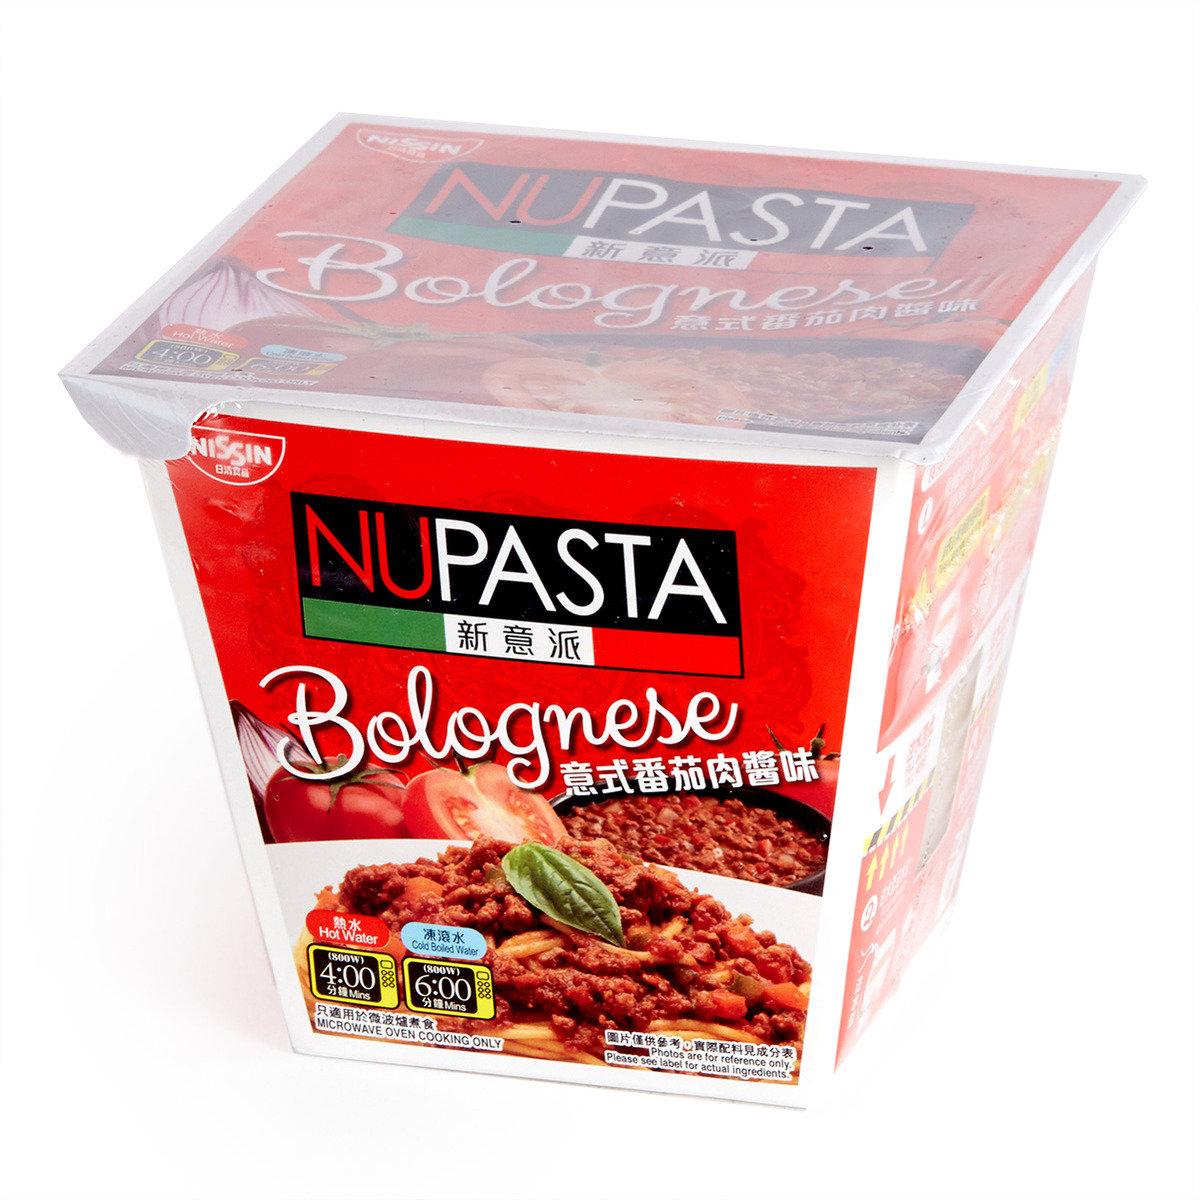 新意派意式番茄肉醬味即食麵 (杯裝)